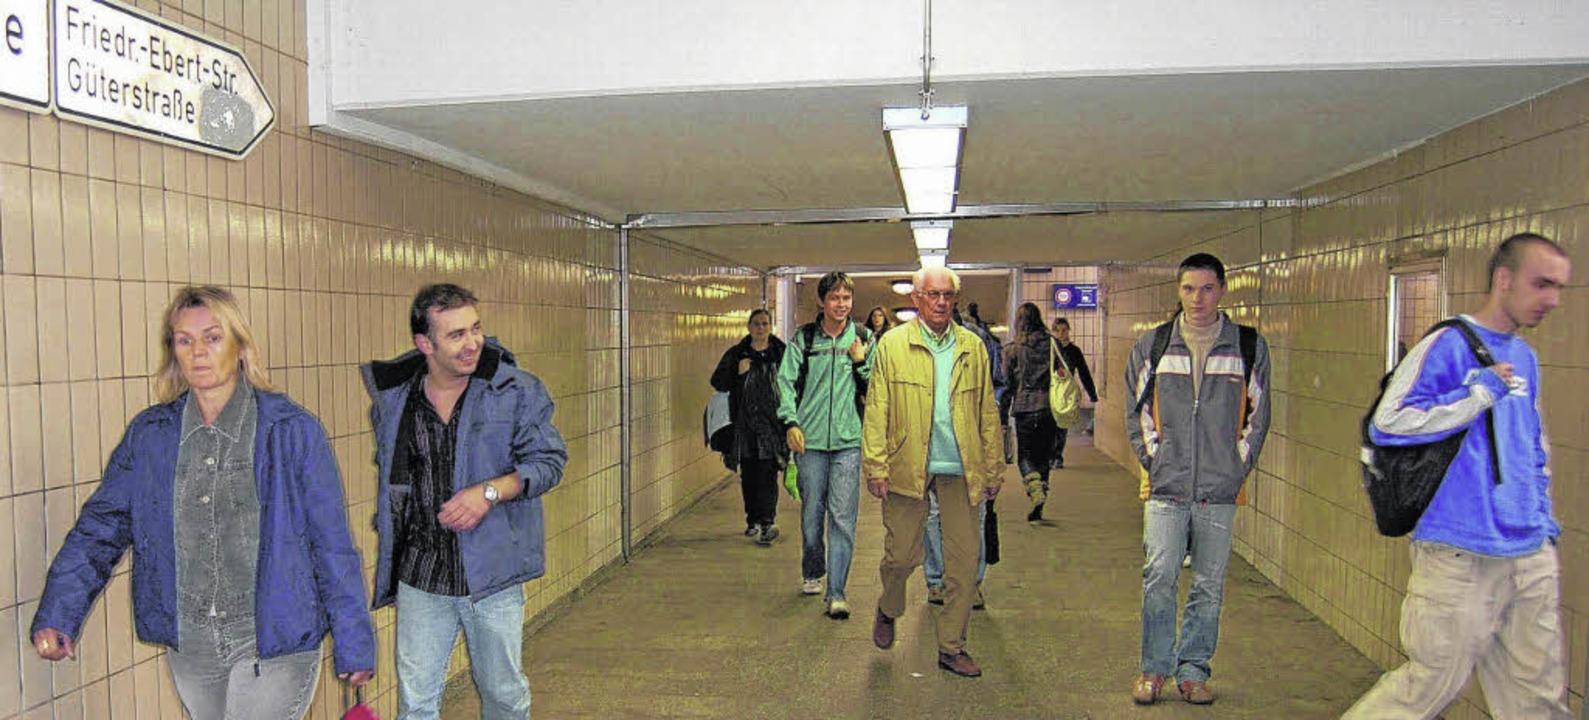 Der Donaueschinger Bahnhof soll saniert werden.   | Foto: Archiv